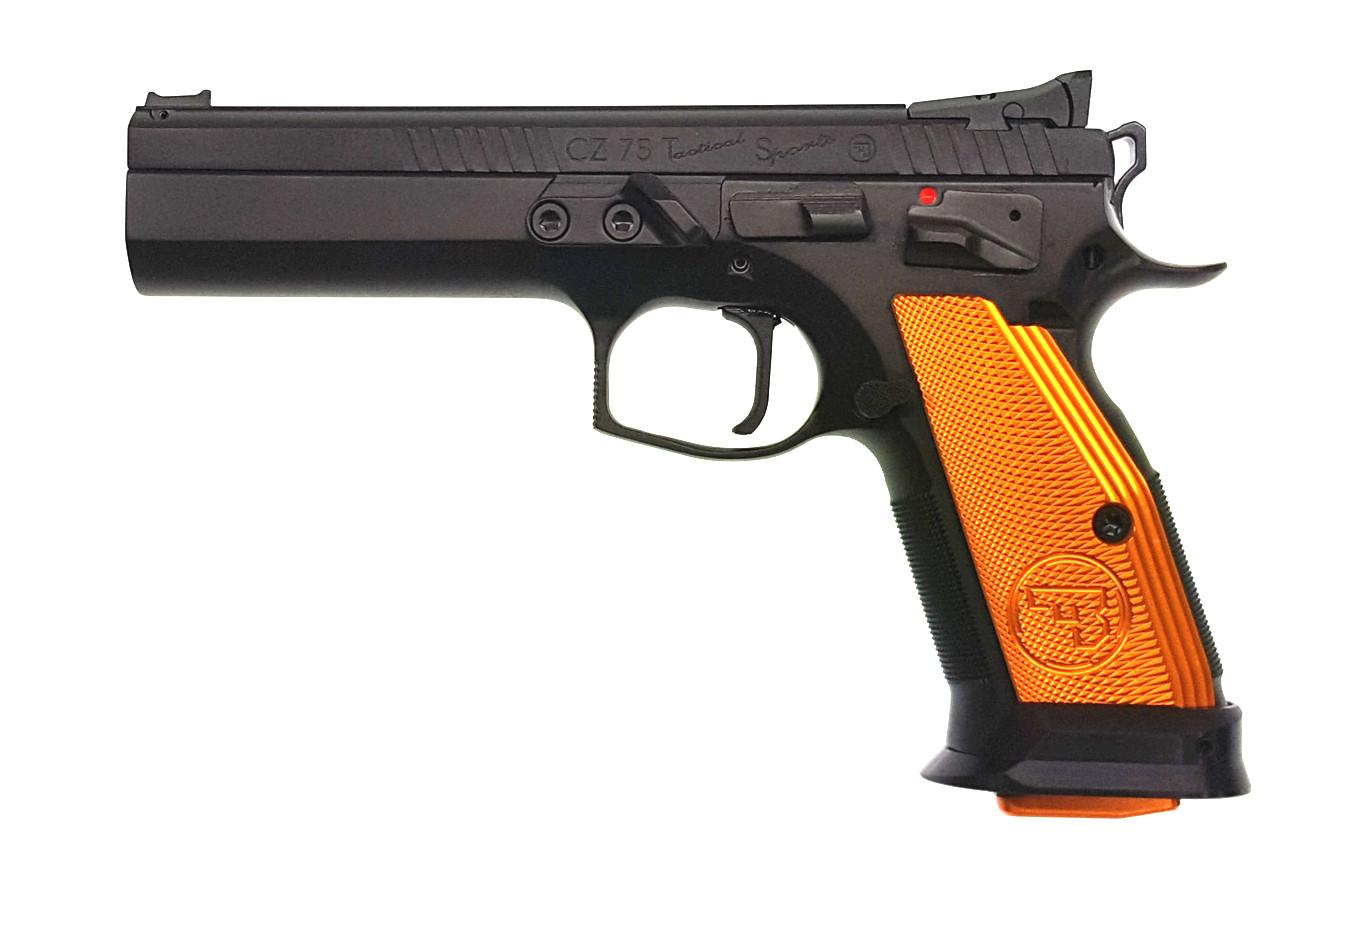 Pistole CZ 75 Tactical Sport orange 9 mm Luger Waffenstube Thalkirchen München Bayern Deutschland